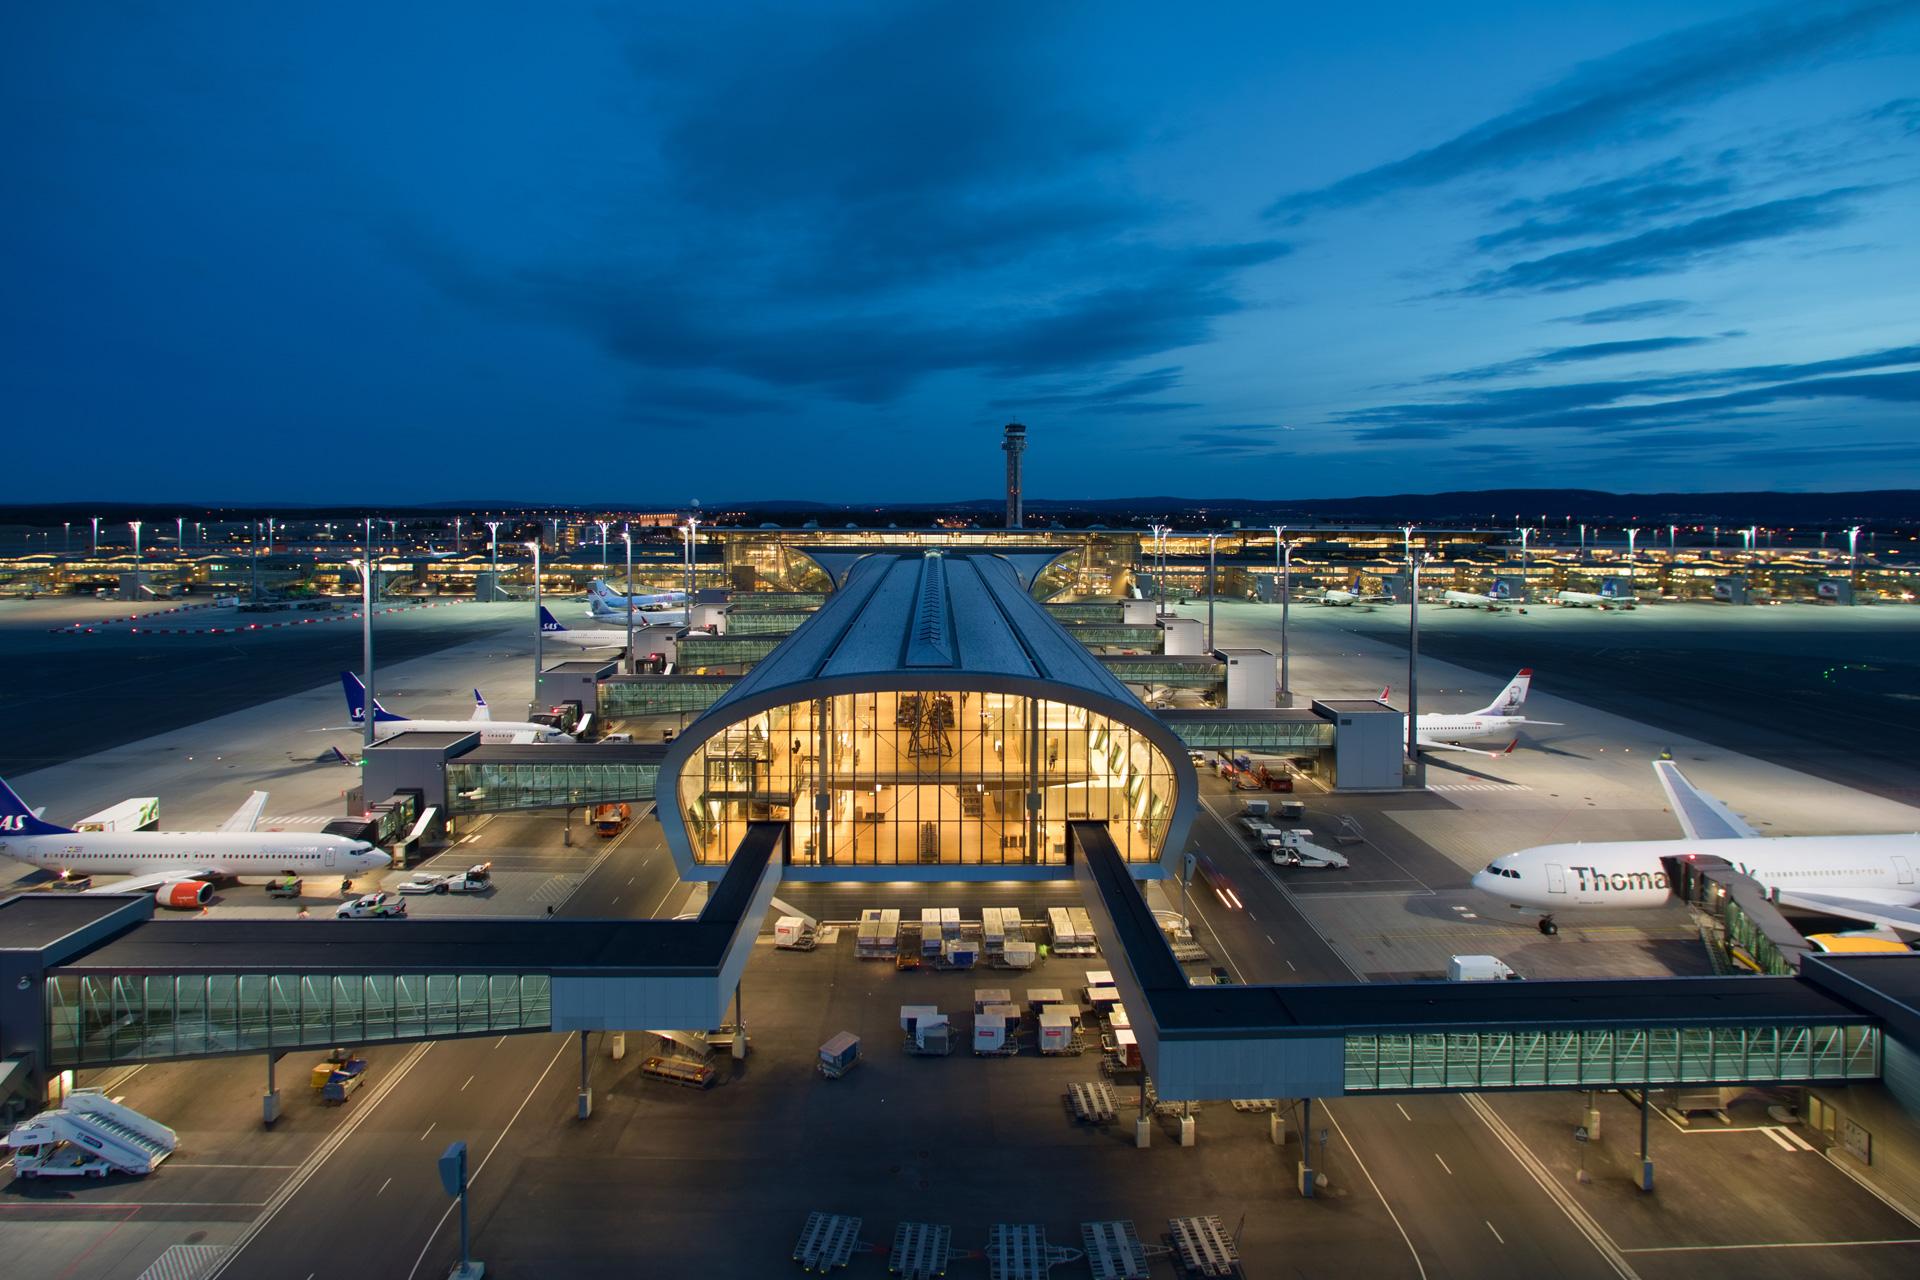 Aufnahme vom Nordpier des Flughafens von Oslo bei Nacht